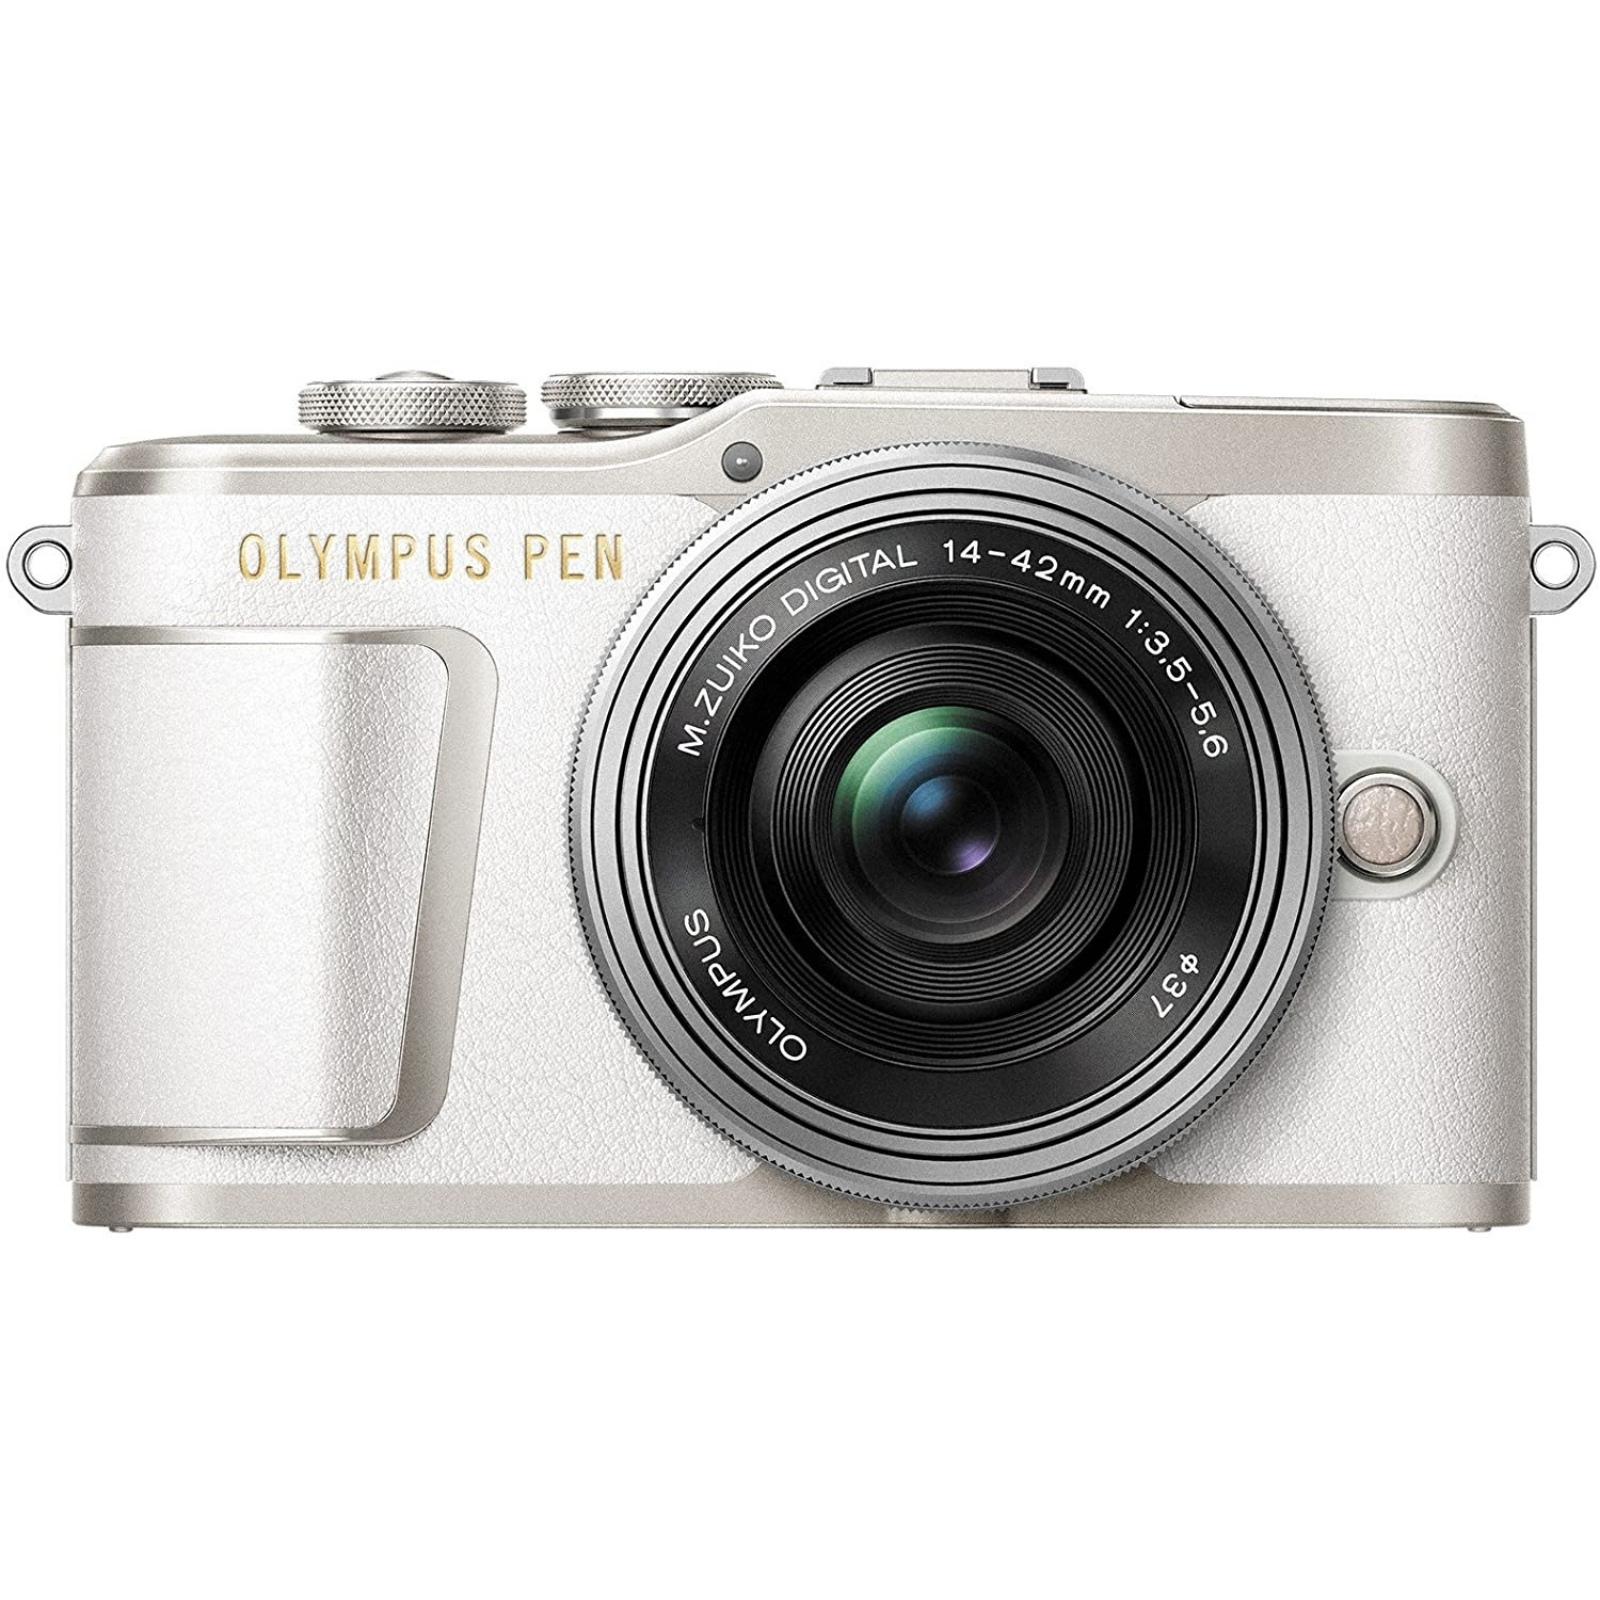 OLYMPUS オリンパス ミラーレス一眼カメラ PEN E-PL9 レンズキット  ホワイト 新品